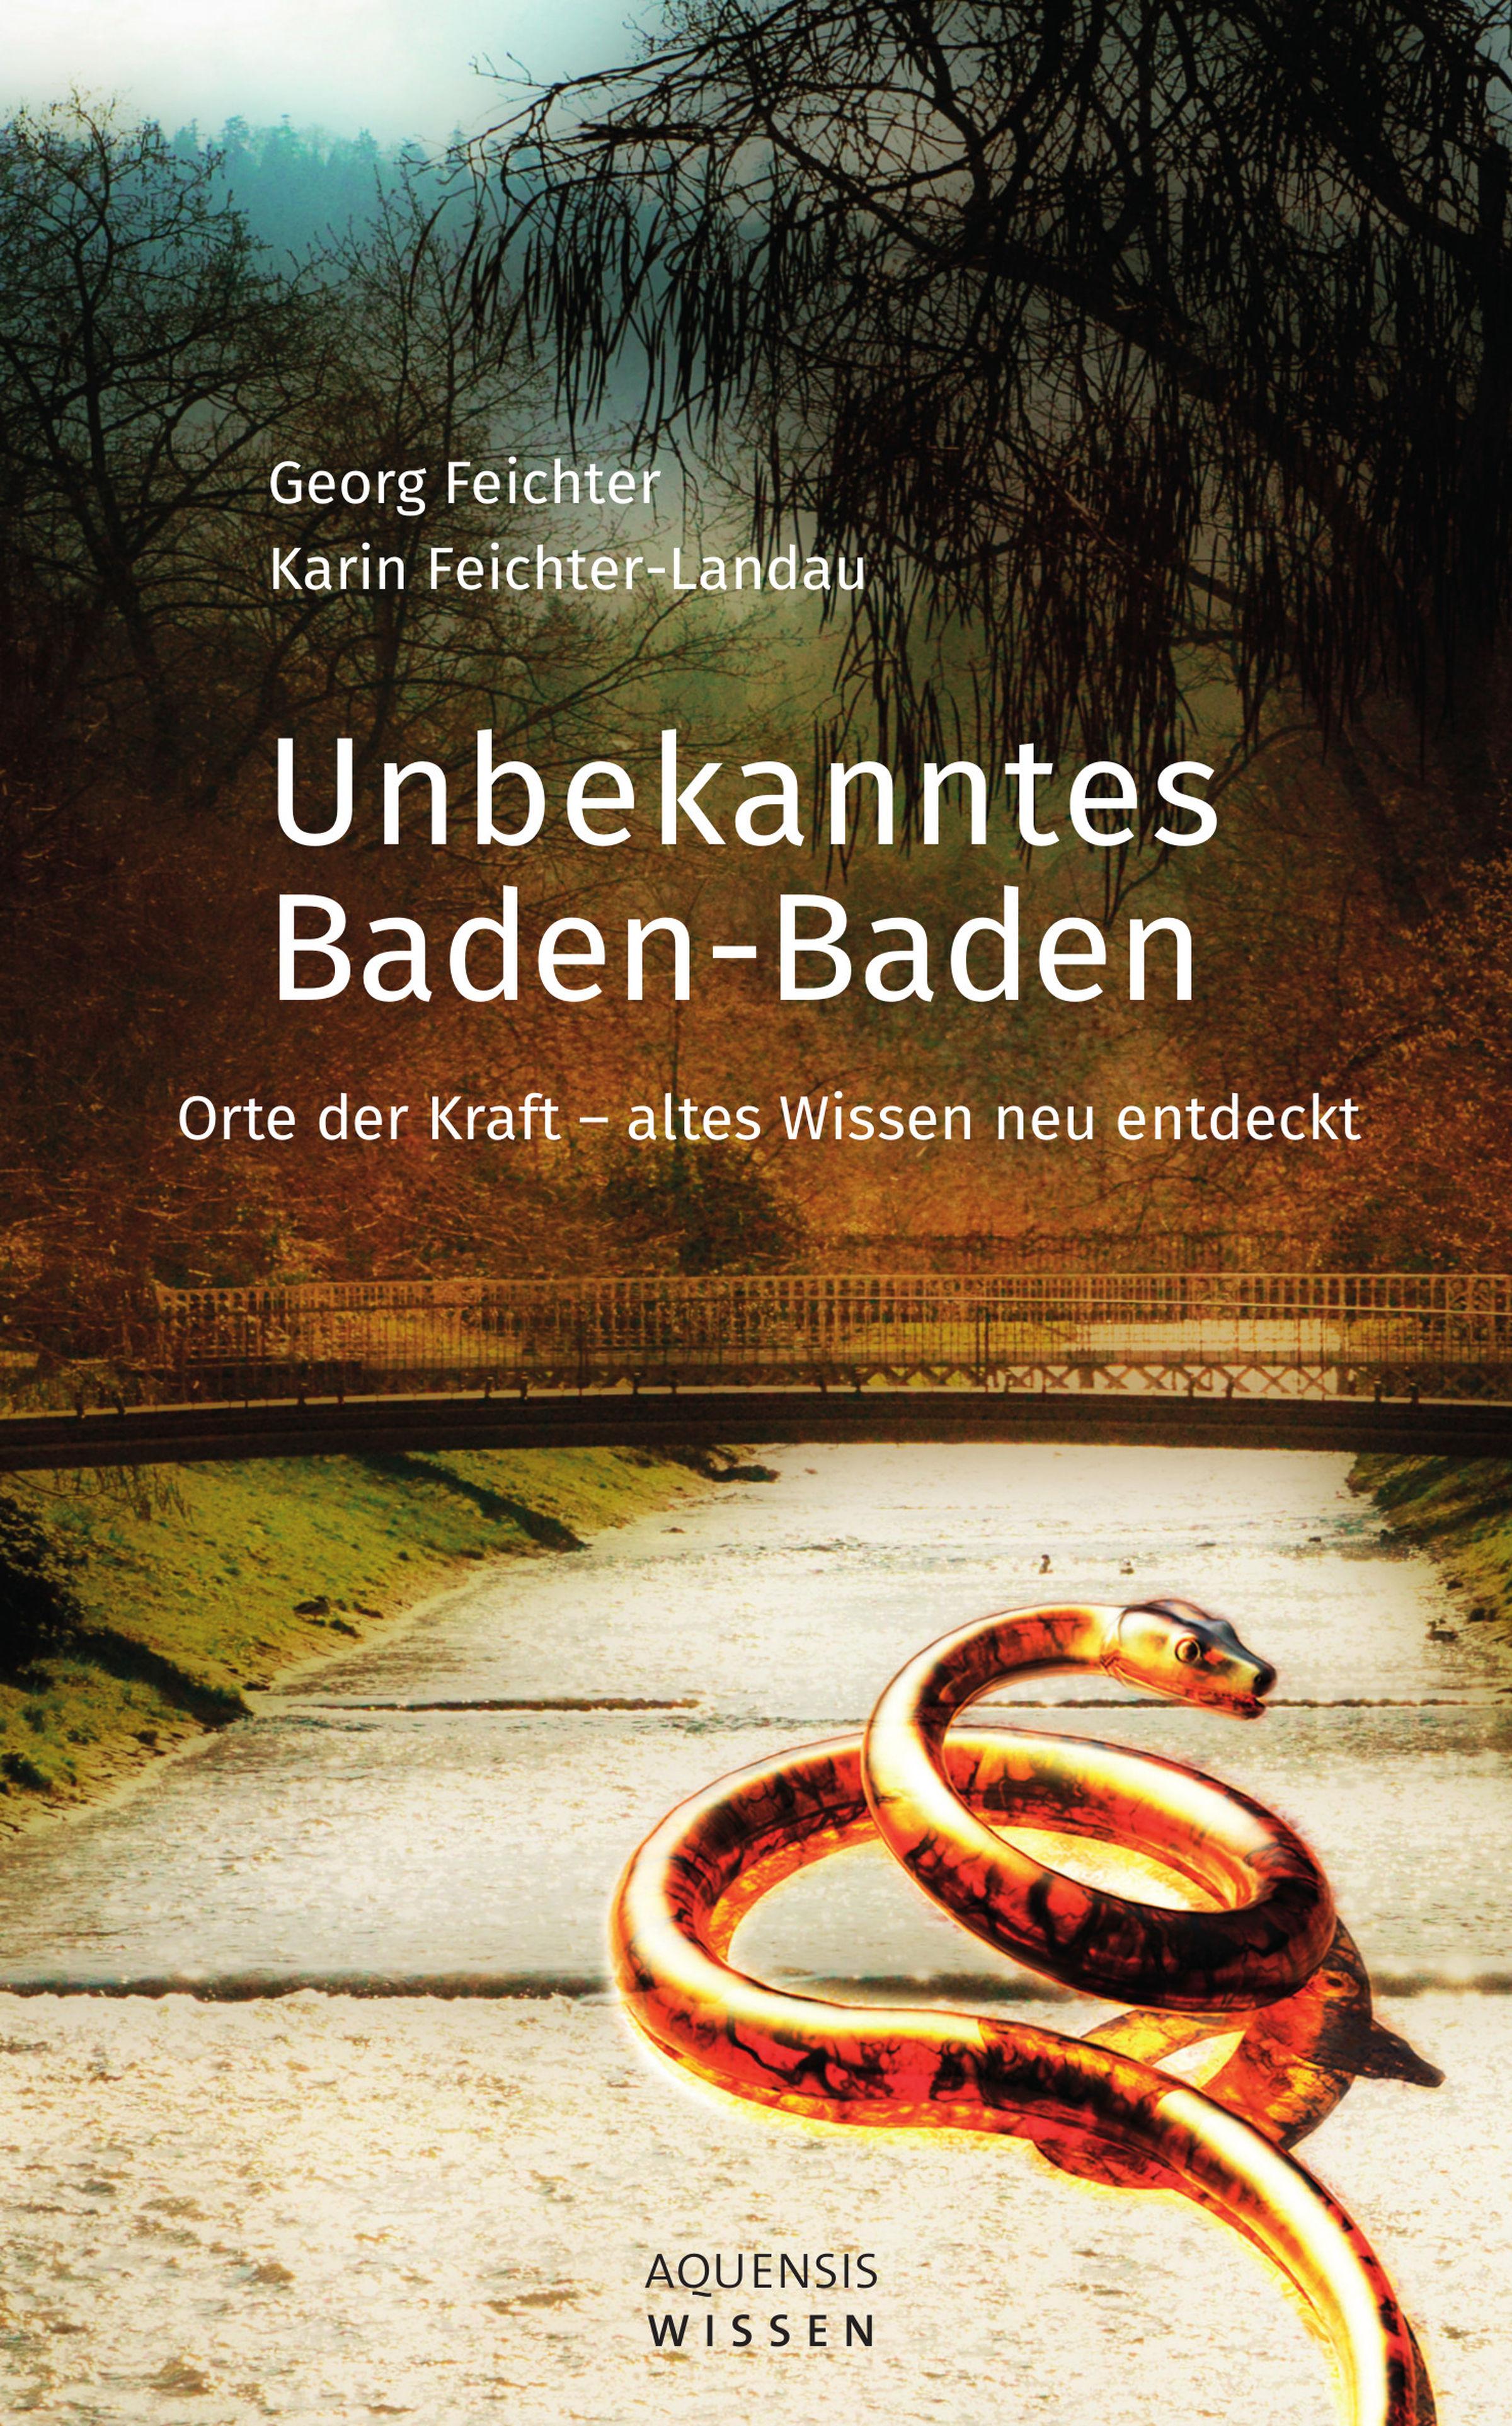 Georg Feichter Unbekanntes Baden-Baden edmond about die spielhölle in baden baden